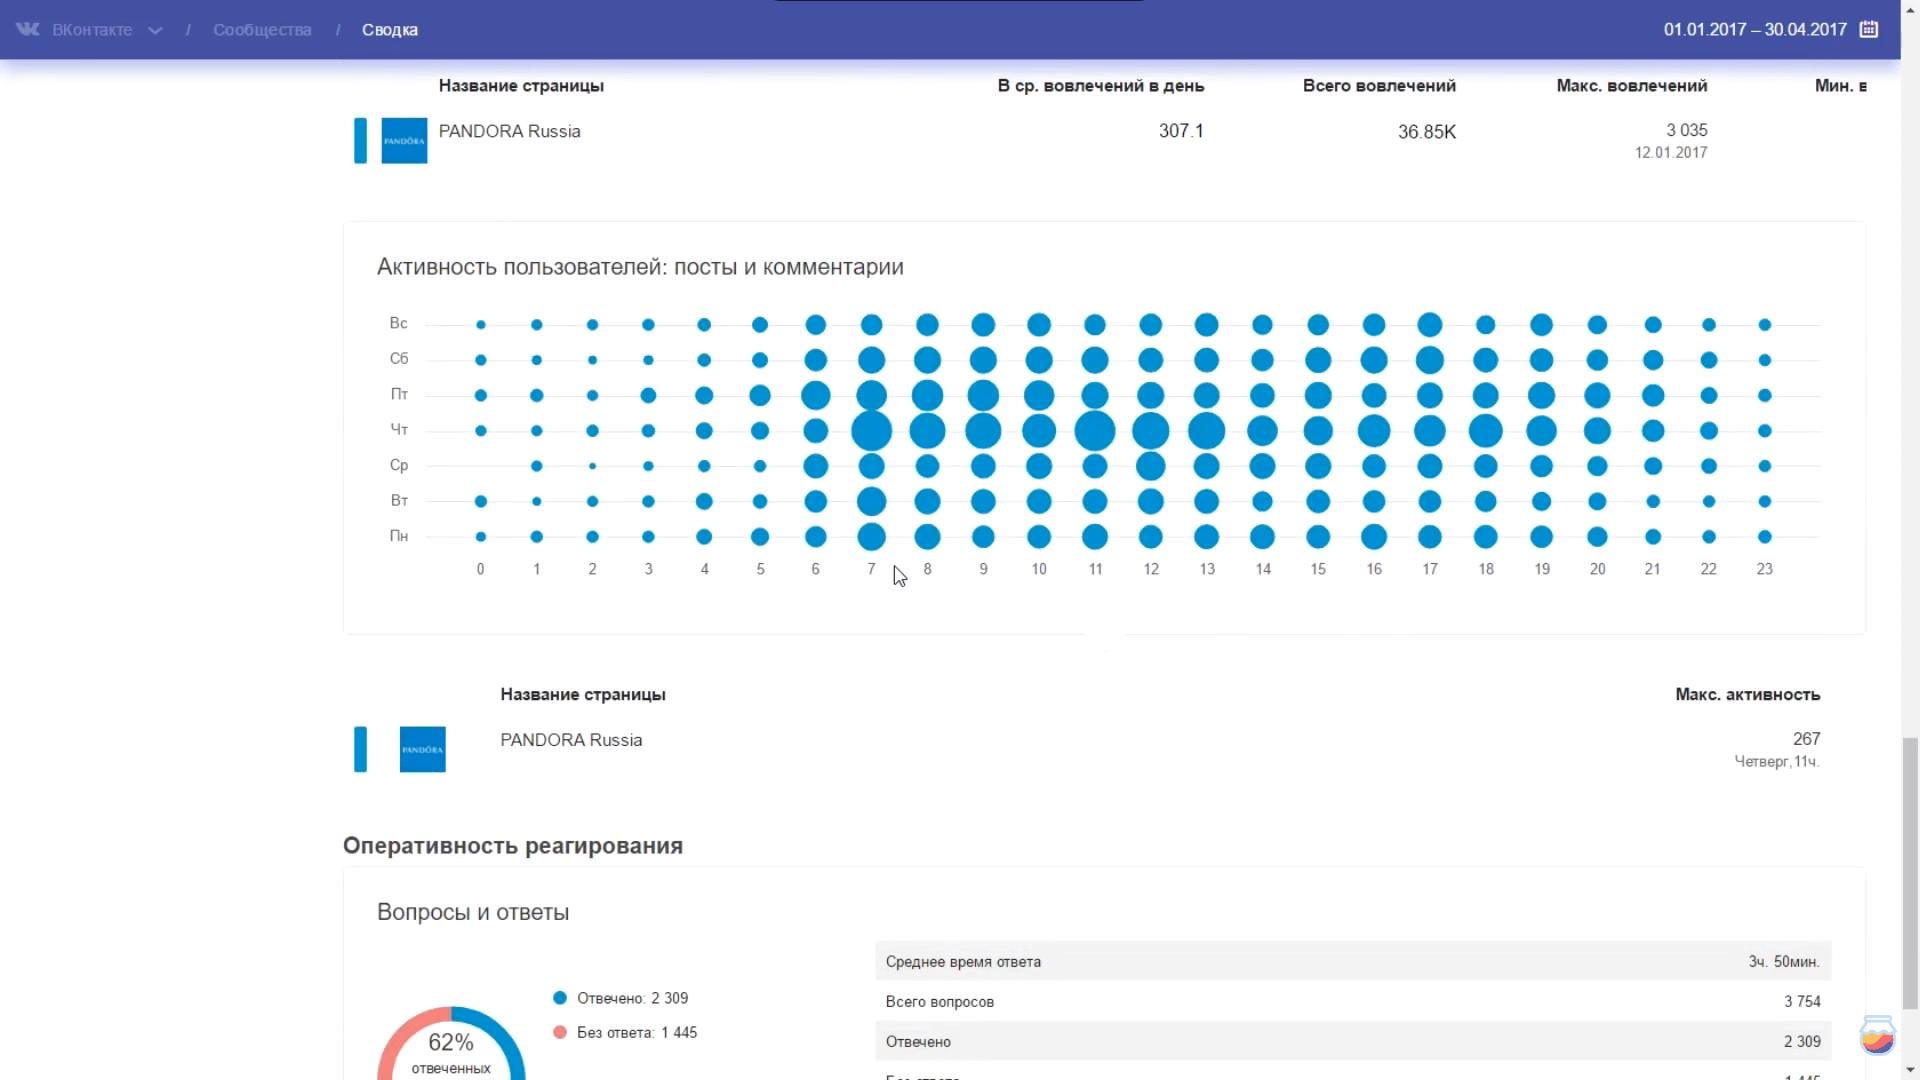 Активность пользователей соцсети в разрезе постов и комментариев на странице в программе JagaJam